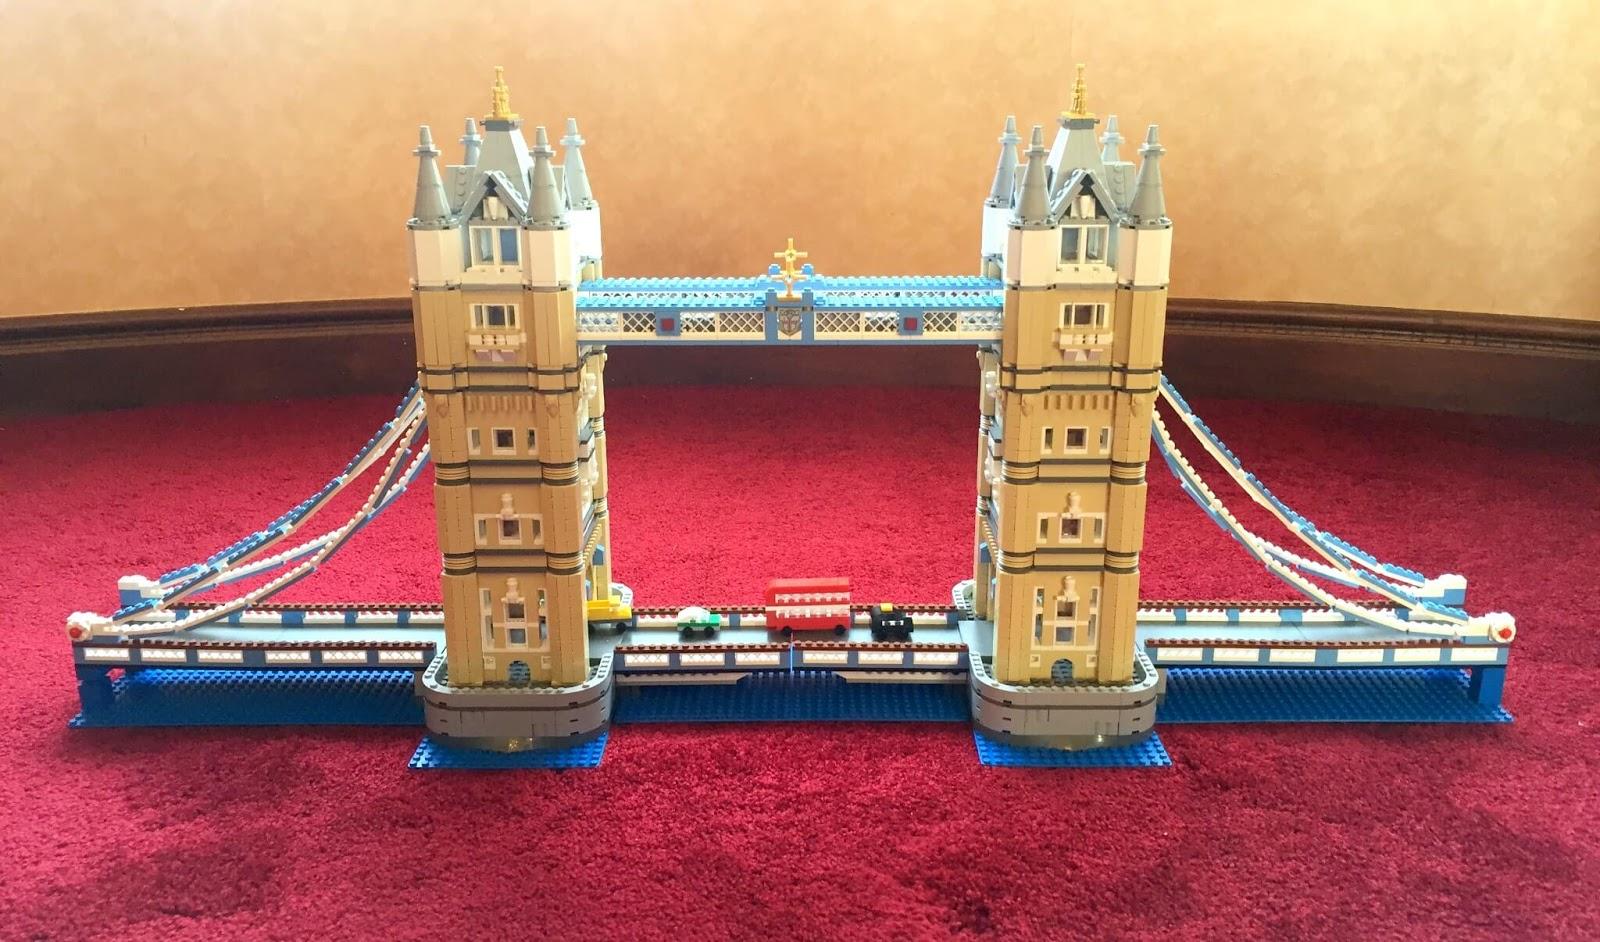 building lego tower bridge 10214 morgan 39 s milieu. Black Bedroom Furniture Sets. Home Design Ideas